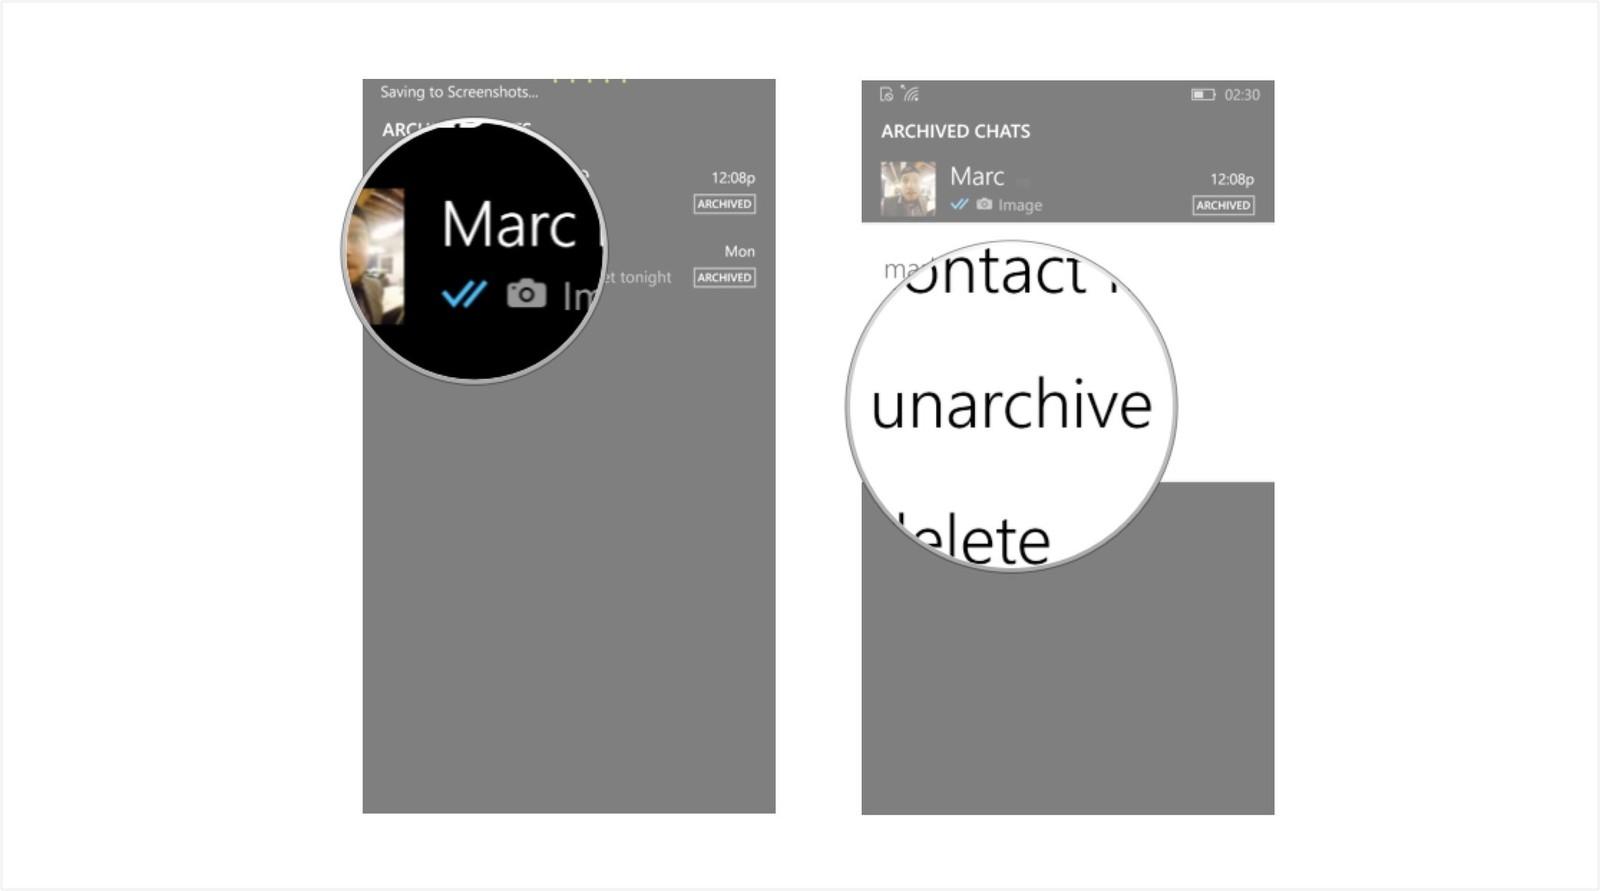 Как сделать резервную копию в windows 10 mobile